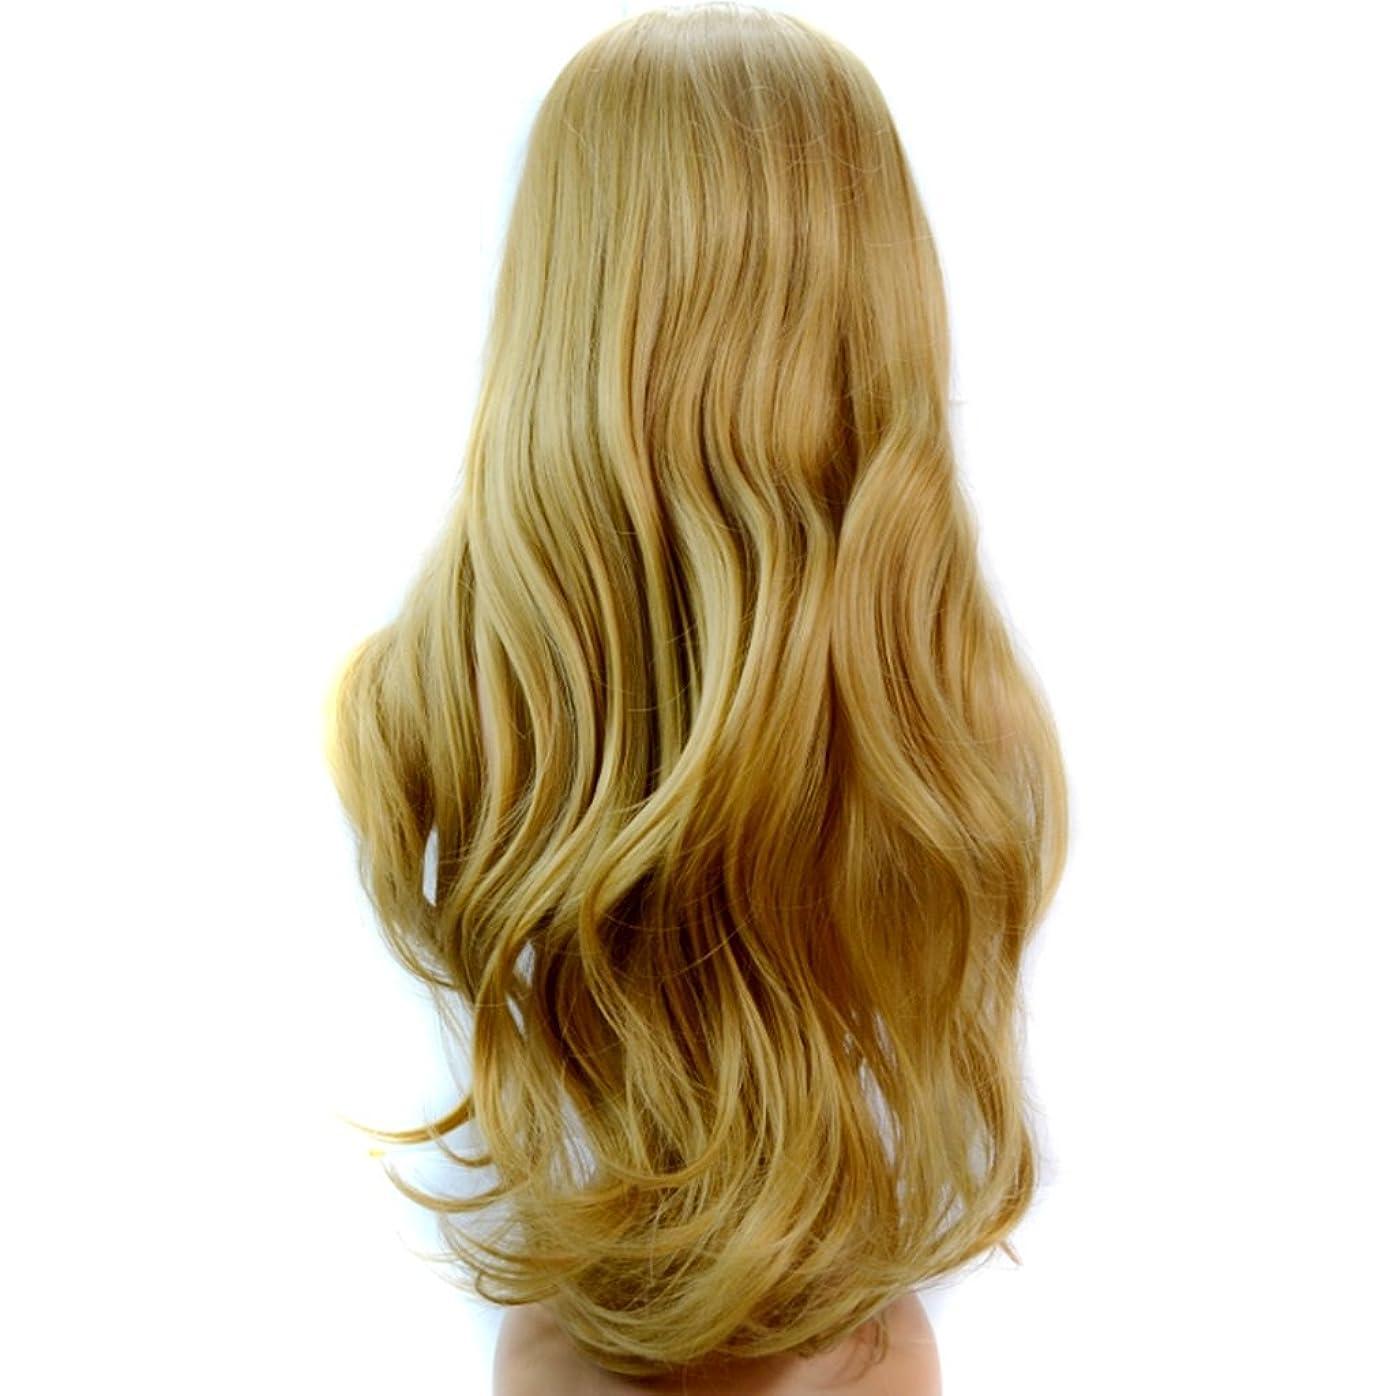 枢機卿鳴らす訪問Isikawan 金の毛髪の自然な女性のかつら - 部分的なかつら大きい波状の-65 cm長い斜め前髪カーリーかつら (色 : 金色)